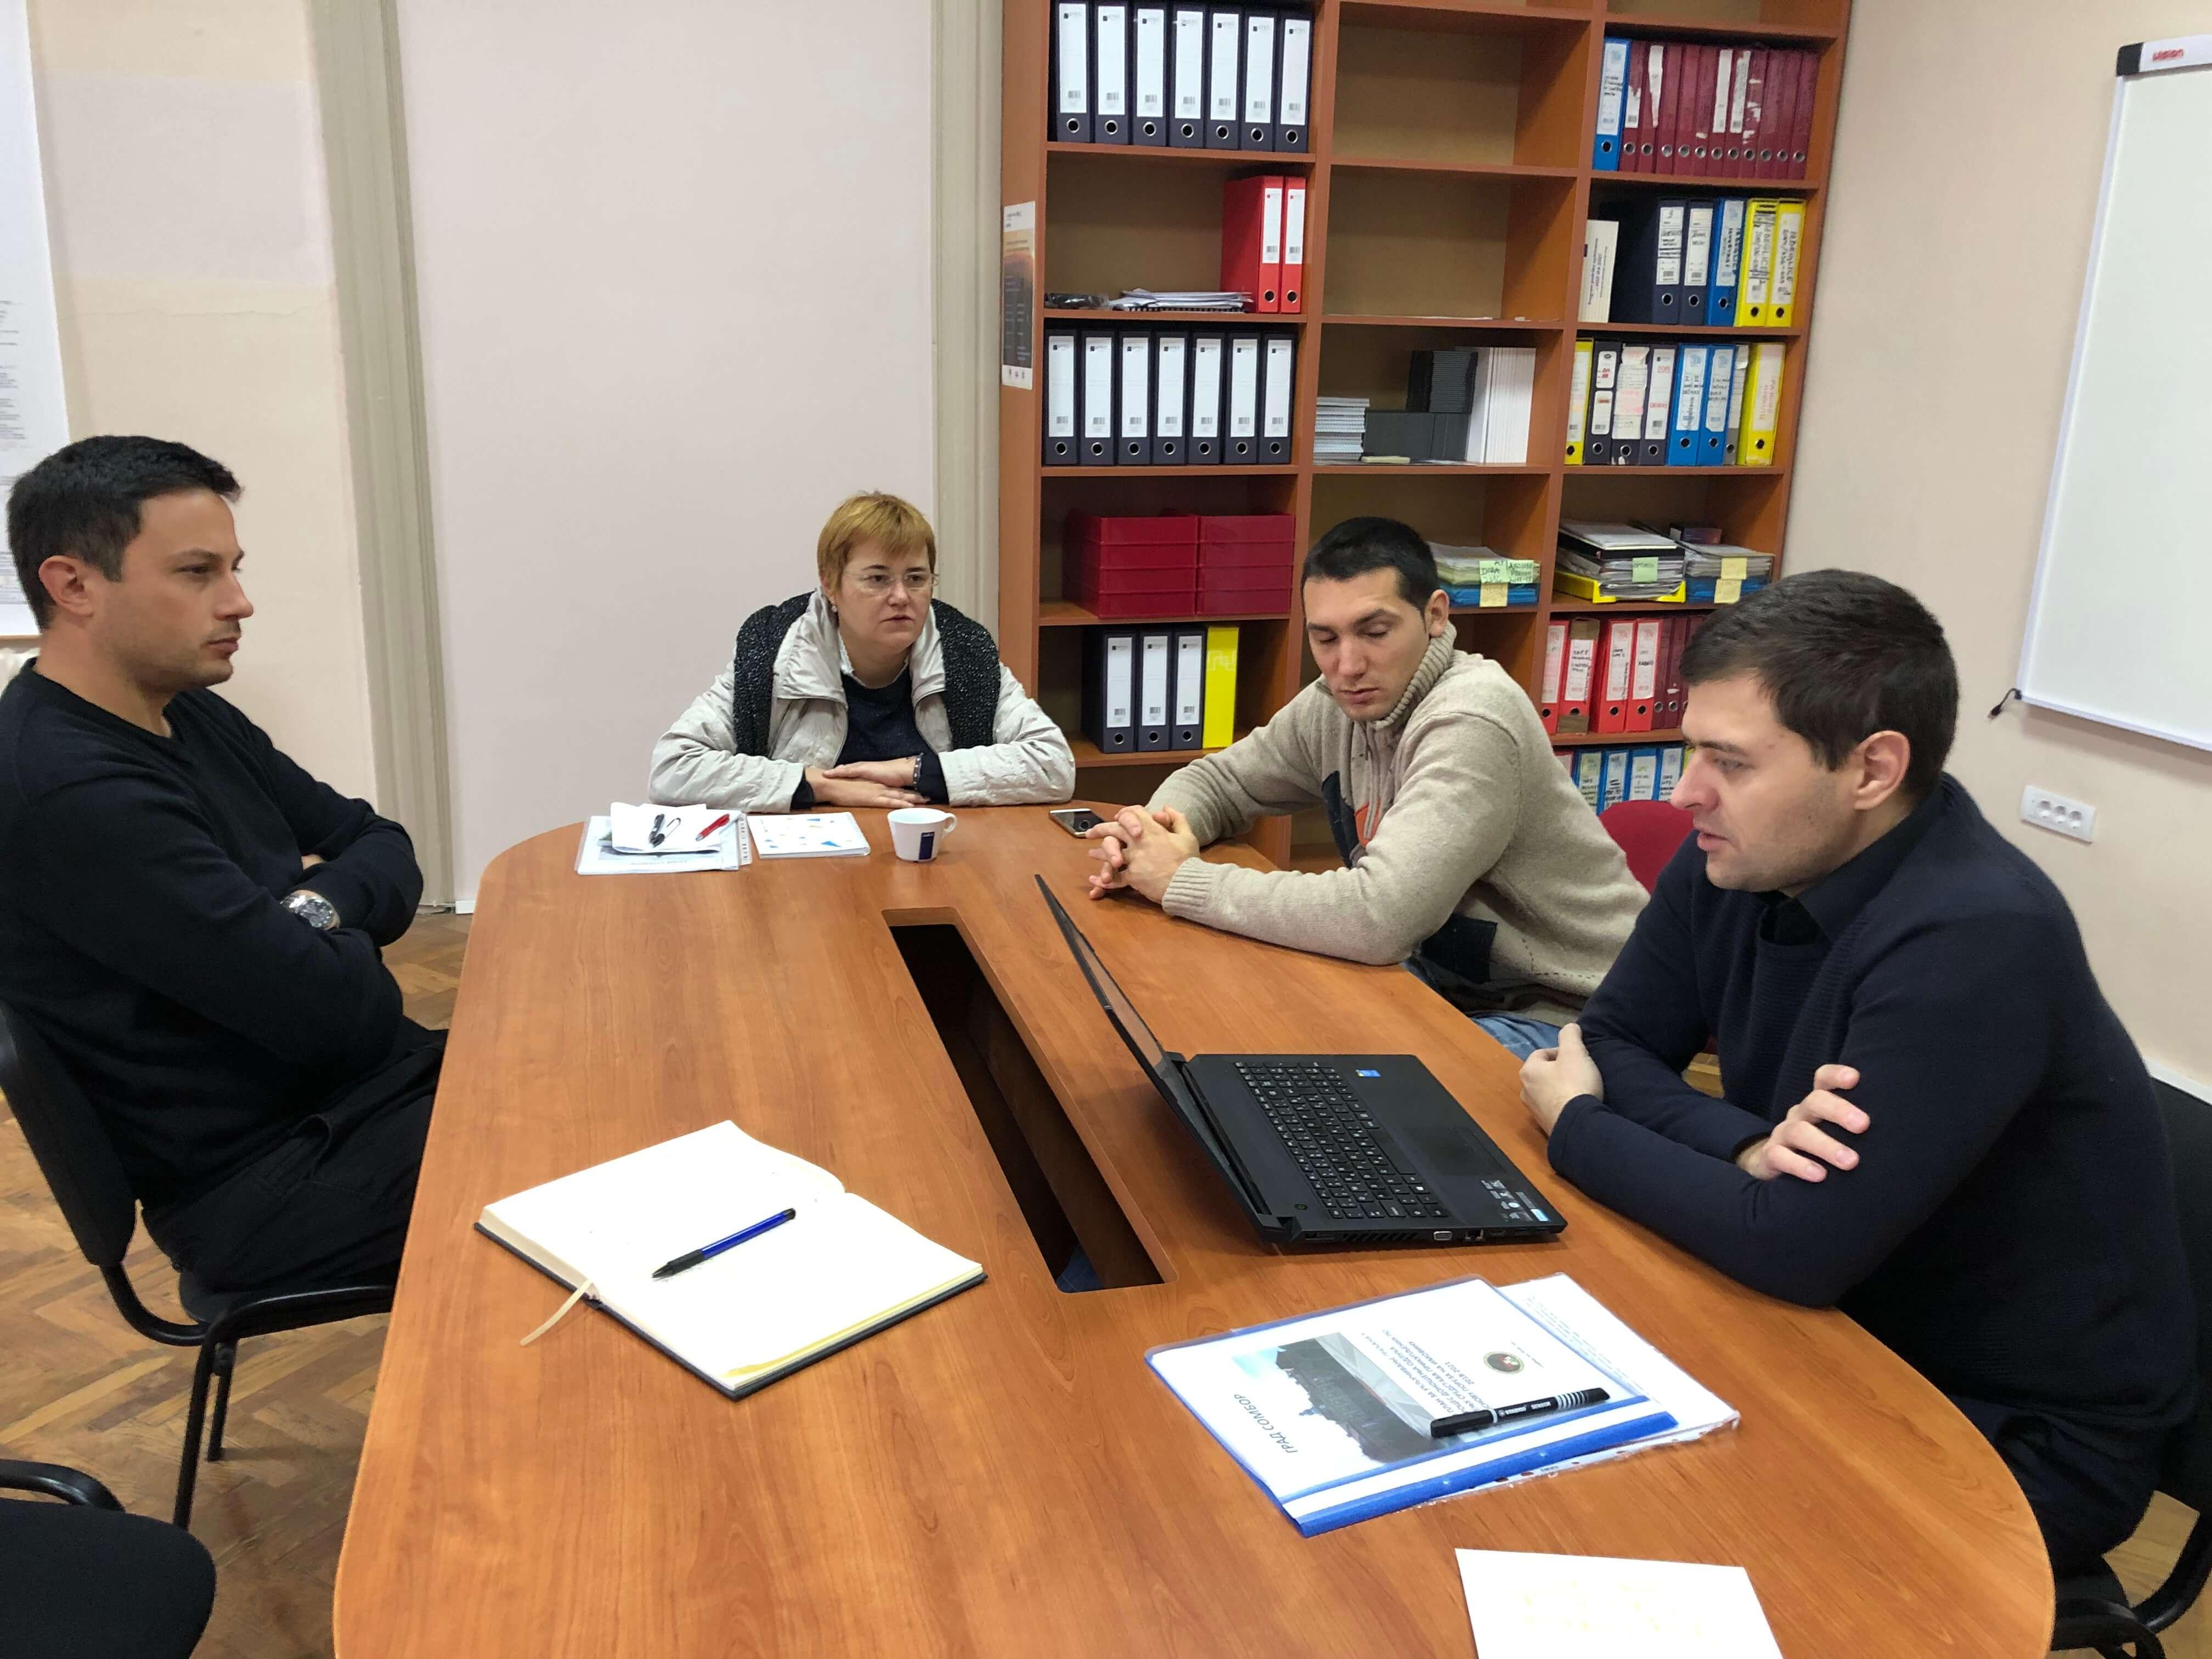 Sastanak radne grupe 27-11-2018 1